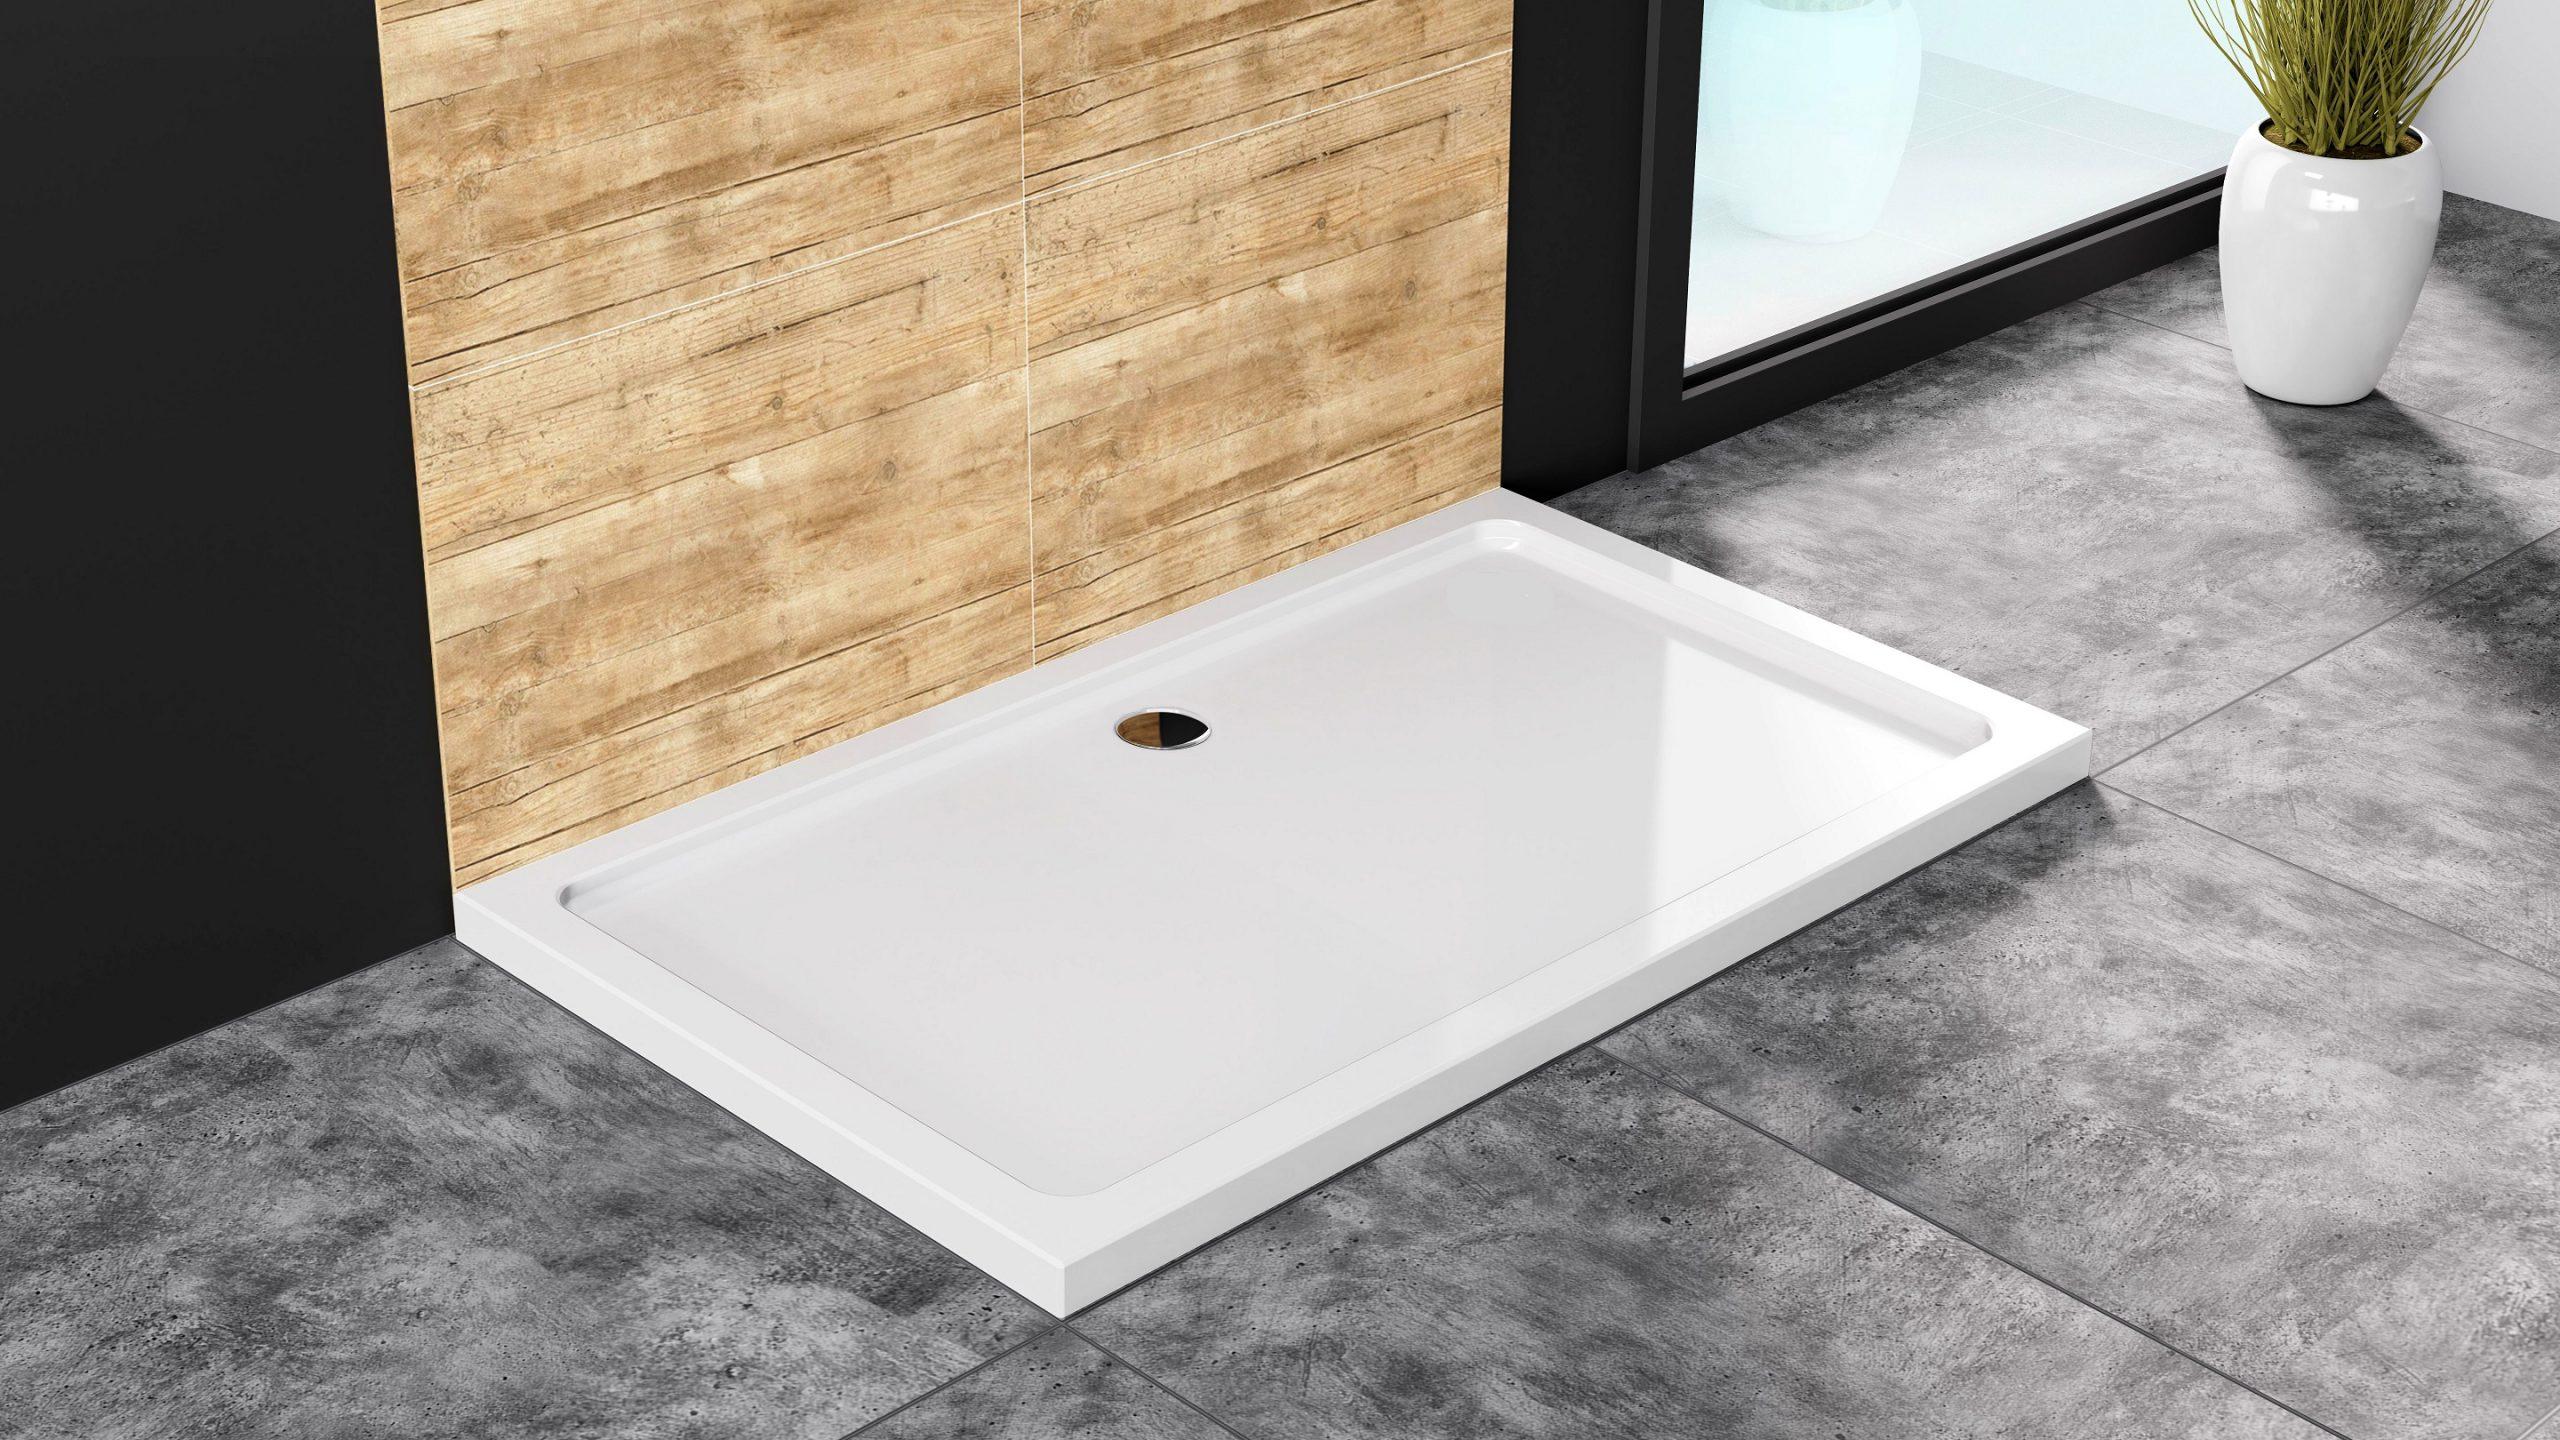 Płaski brodzik- element wyposażenia łazienki, który może znacznie ułatwić życie domowników